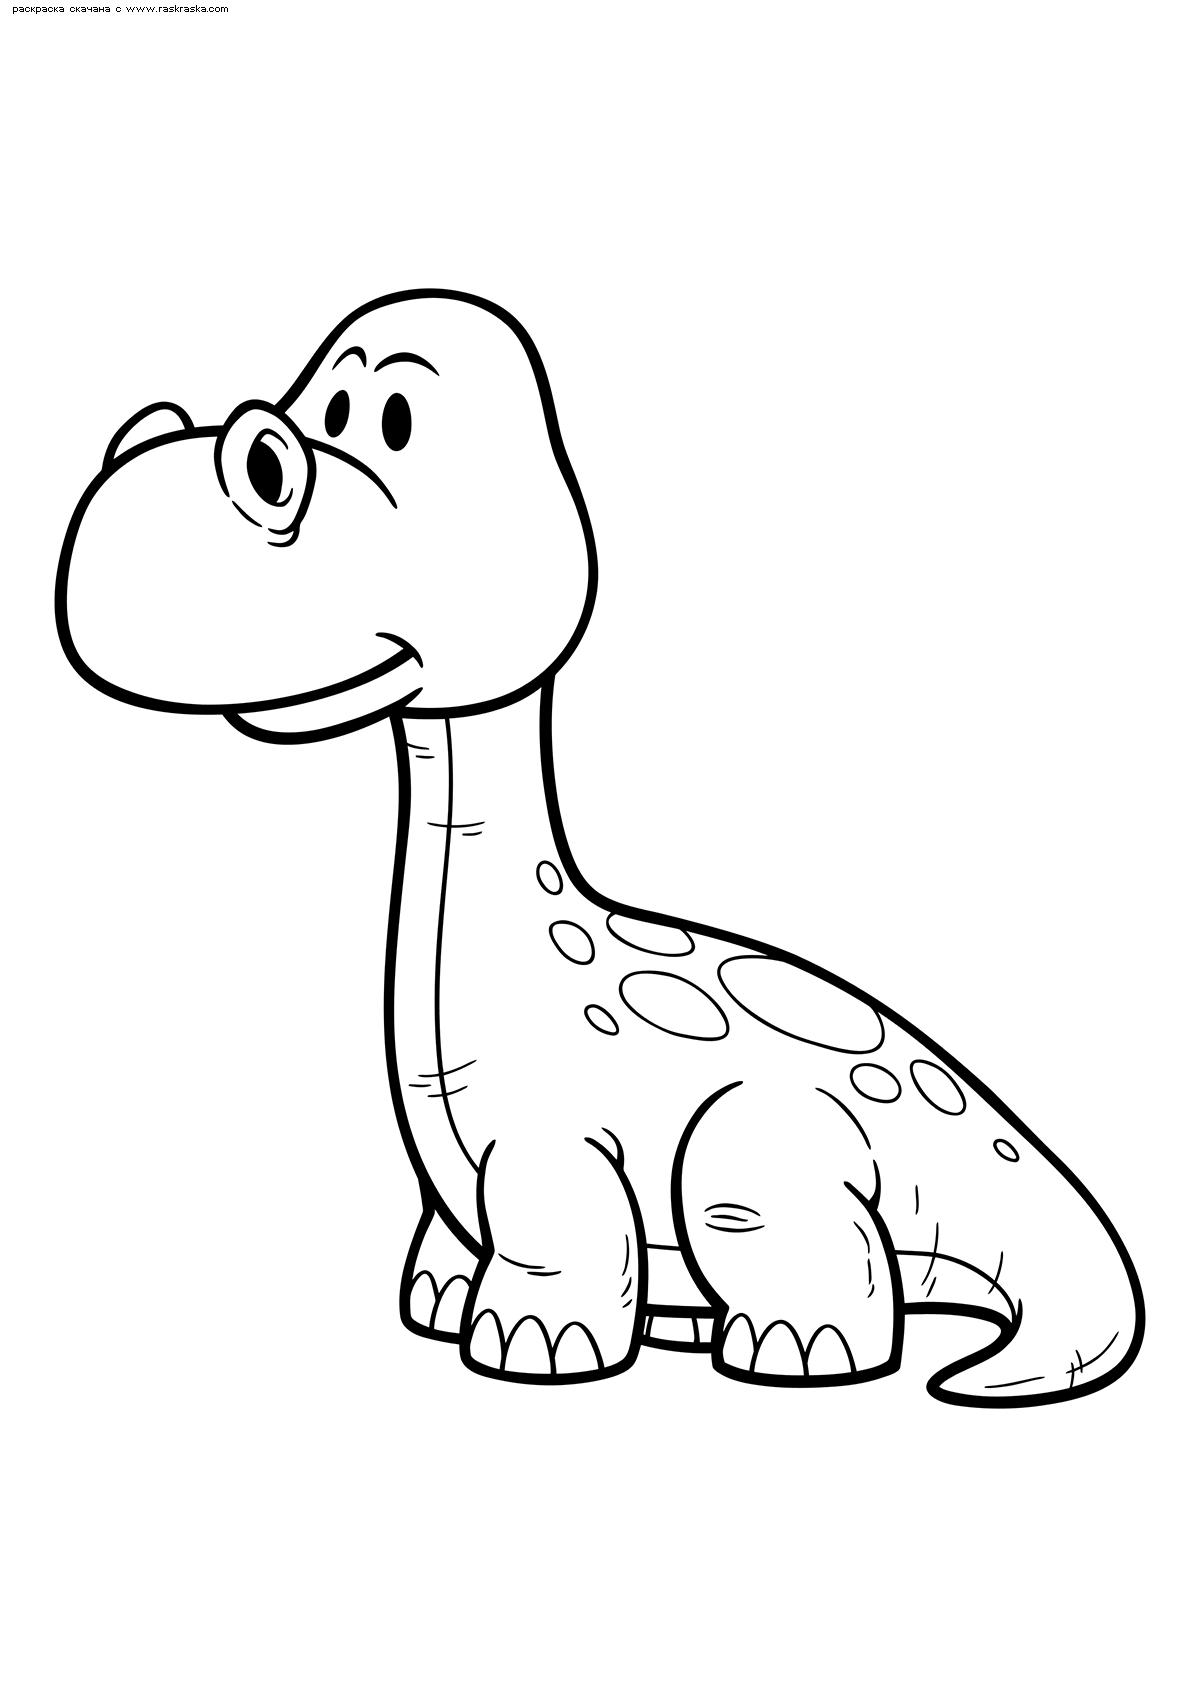 Раскраска Детёныш апатозавра. Раскраска динозавр